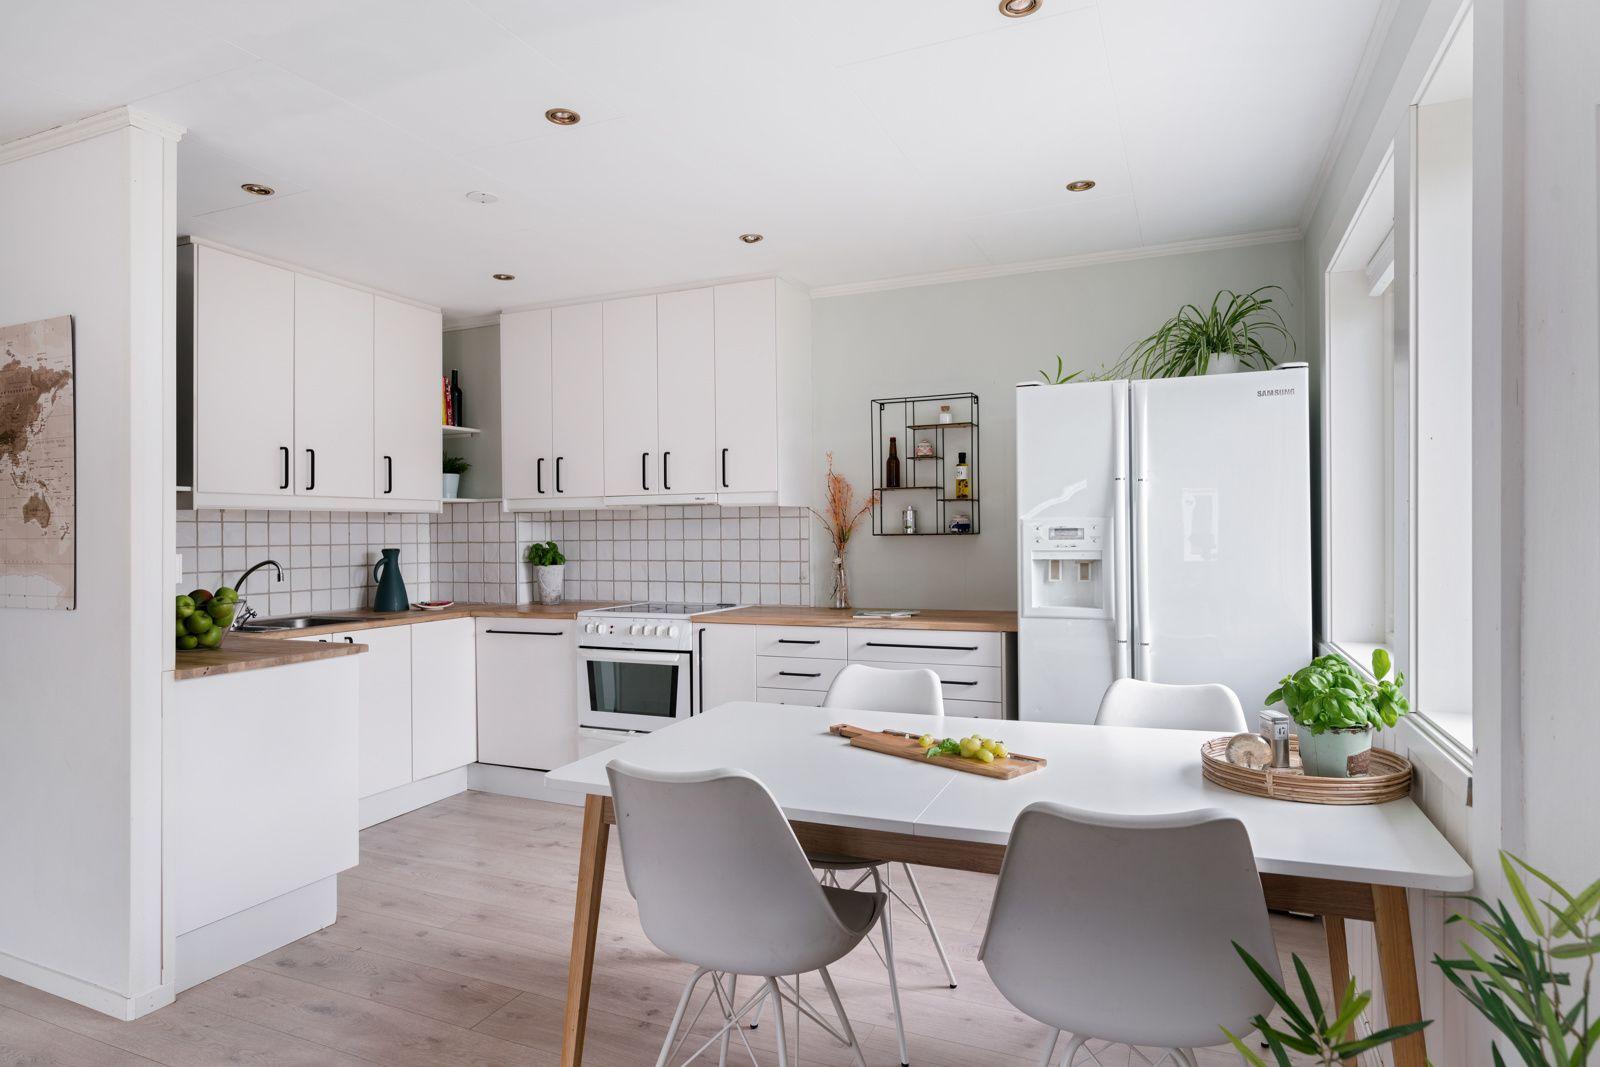 Kreklingstien 5B Kjøkkenet er romslig og har godt med skap- og benkeplass!